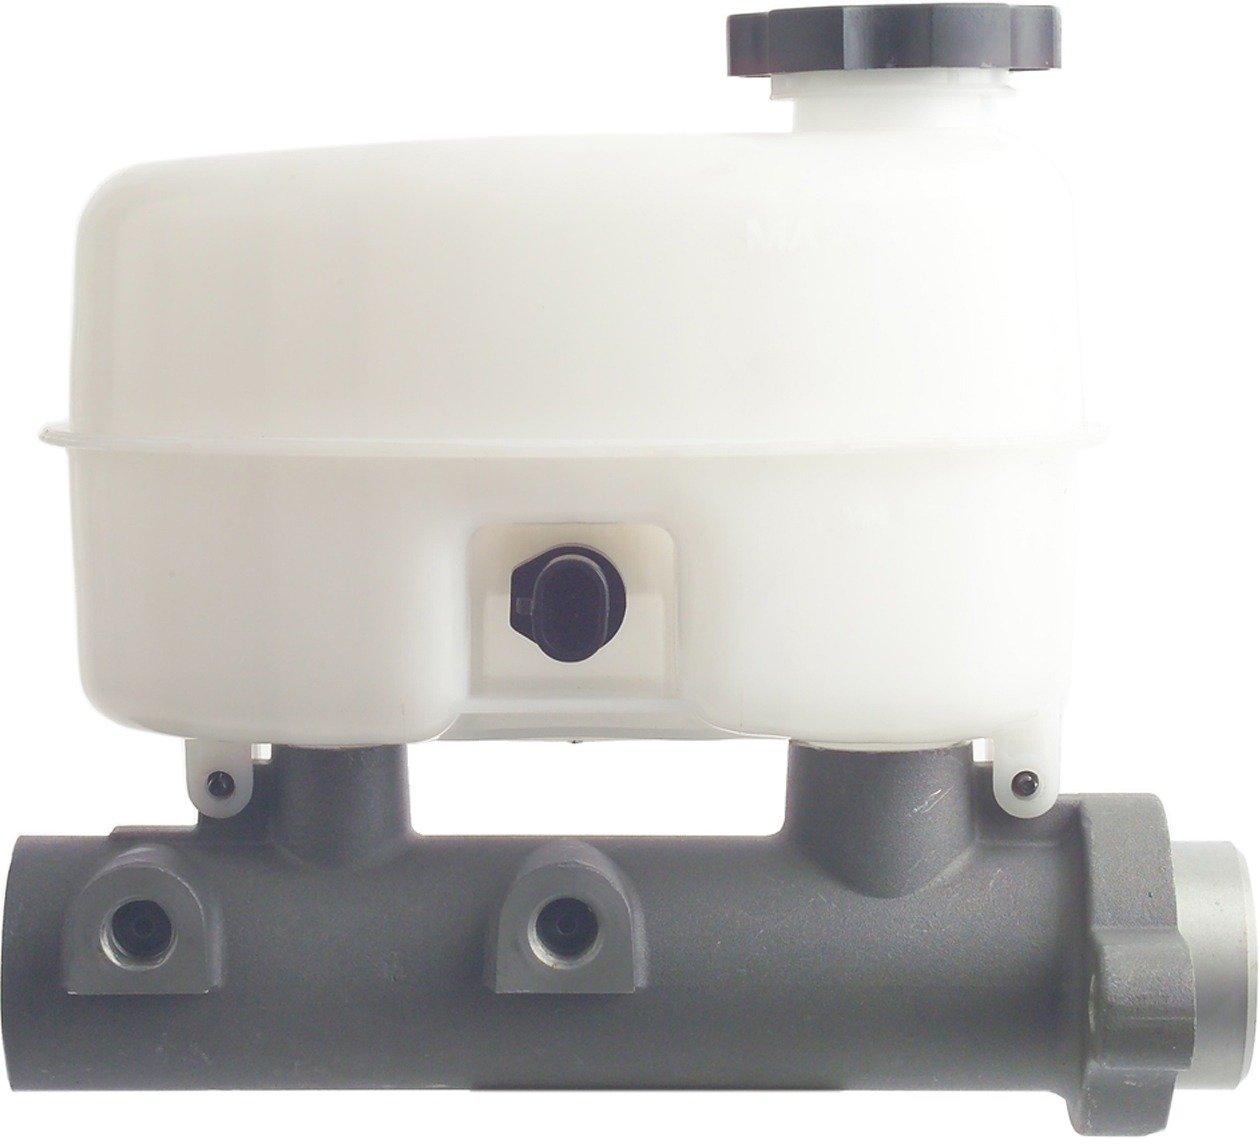 Cardone Select 13-3086 New Brake Master Cylinder Avalanche 2500; Suburban 1500; Suburban 2500 06-03; Express 2500; Express 3500; Silverado 1500; Silverado 2500 HD; Silverado 3500 07-03; A-1 Cardone